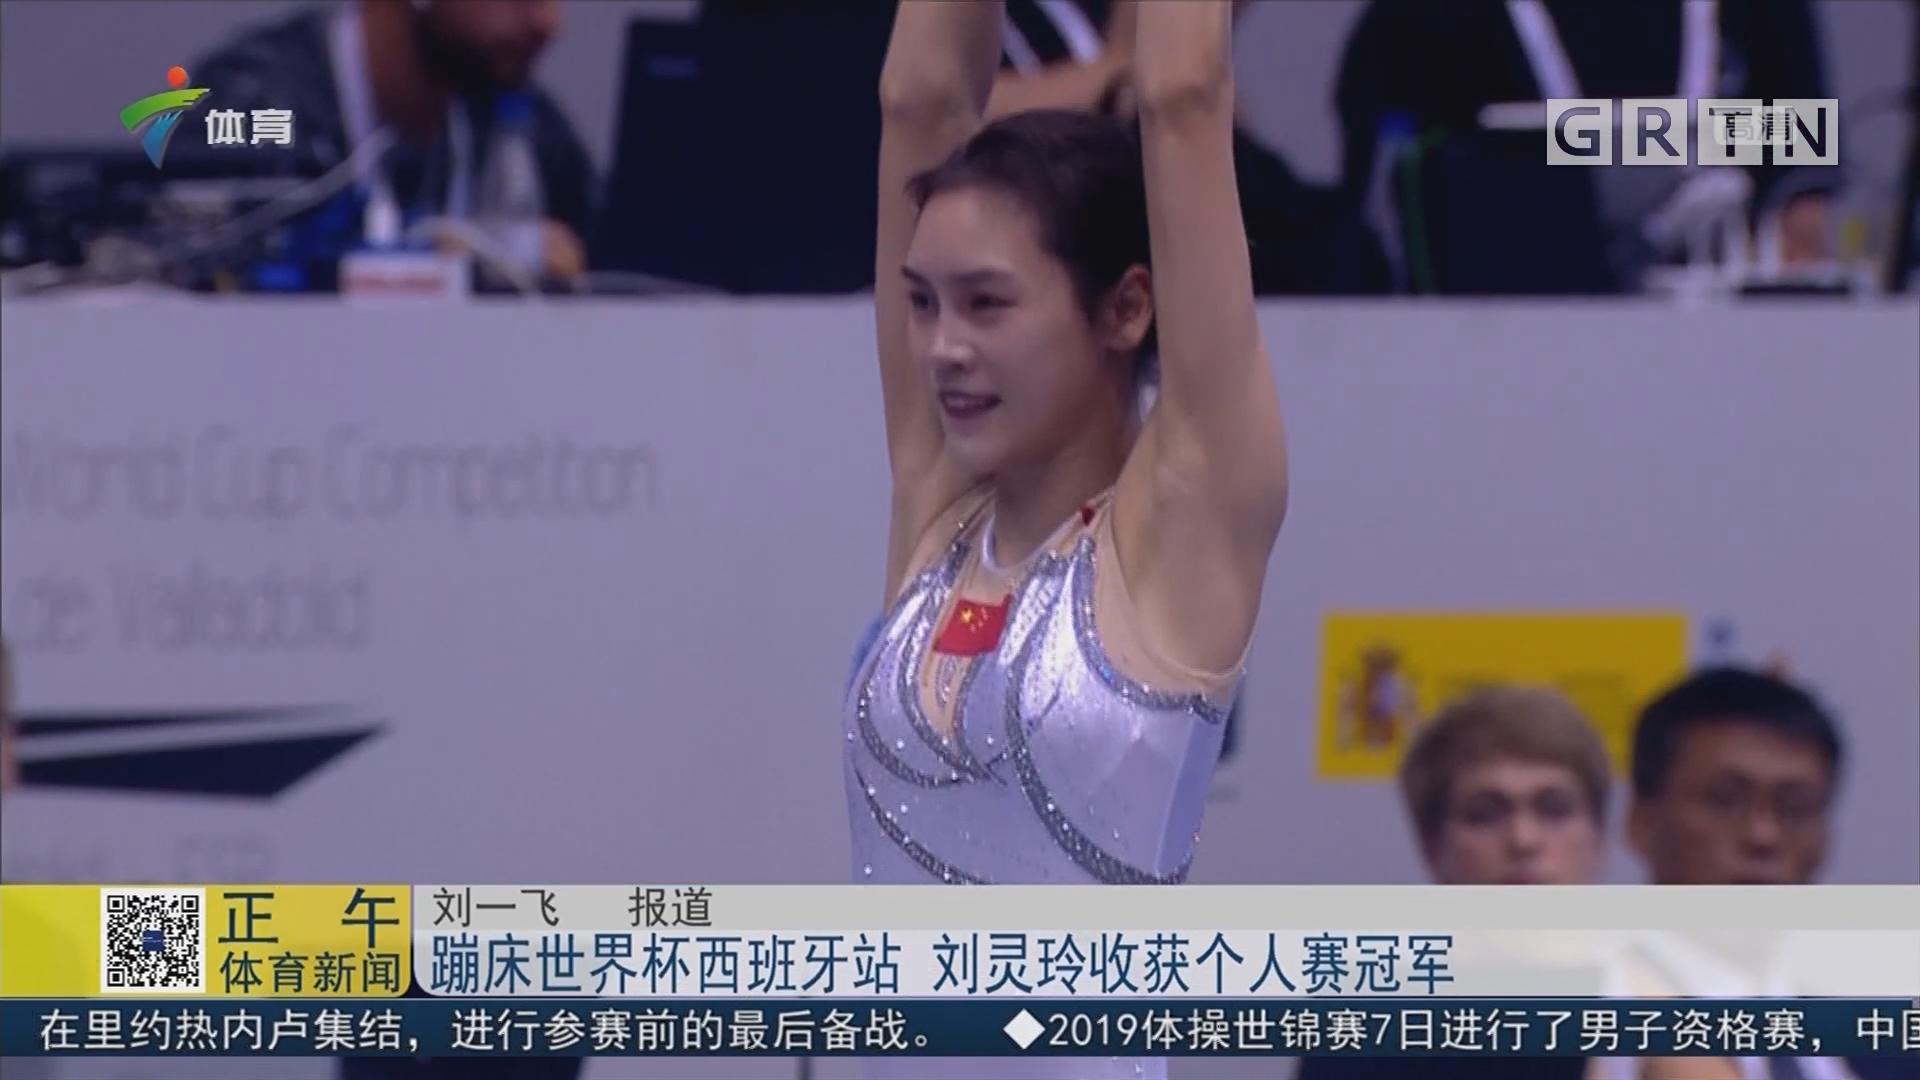 蹦床世界杯西班牙站 刘灵玲收获个人赛冠军